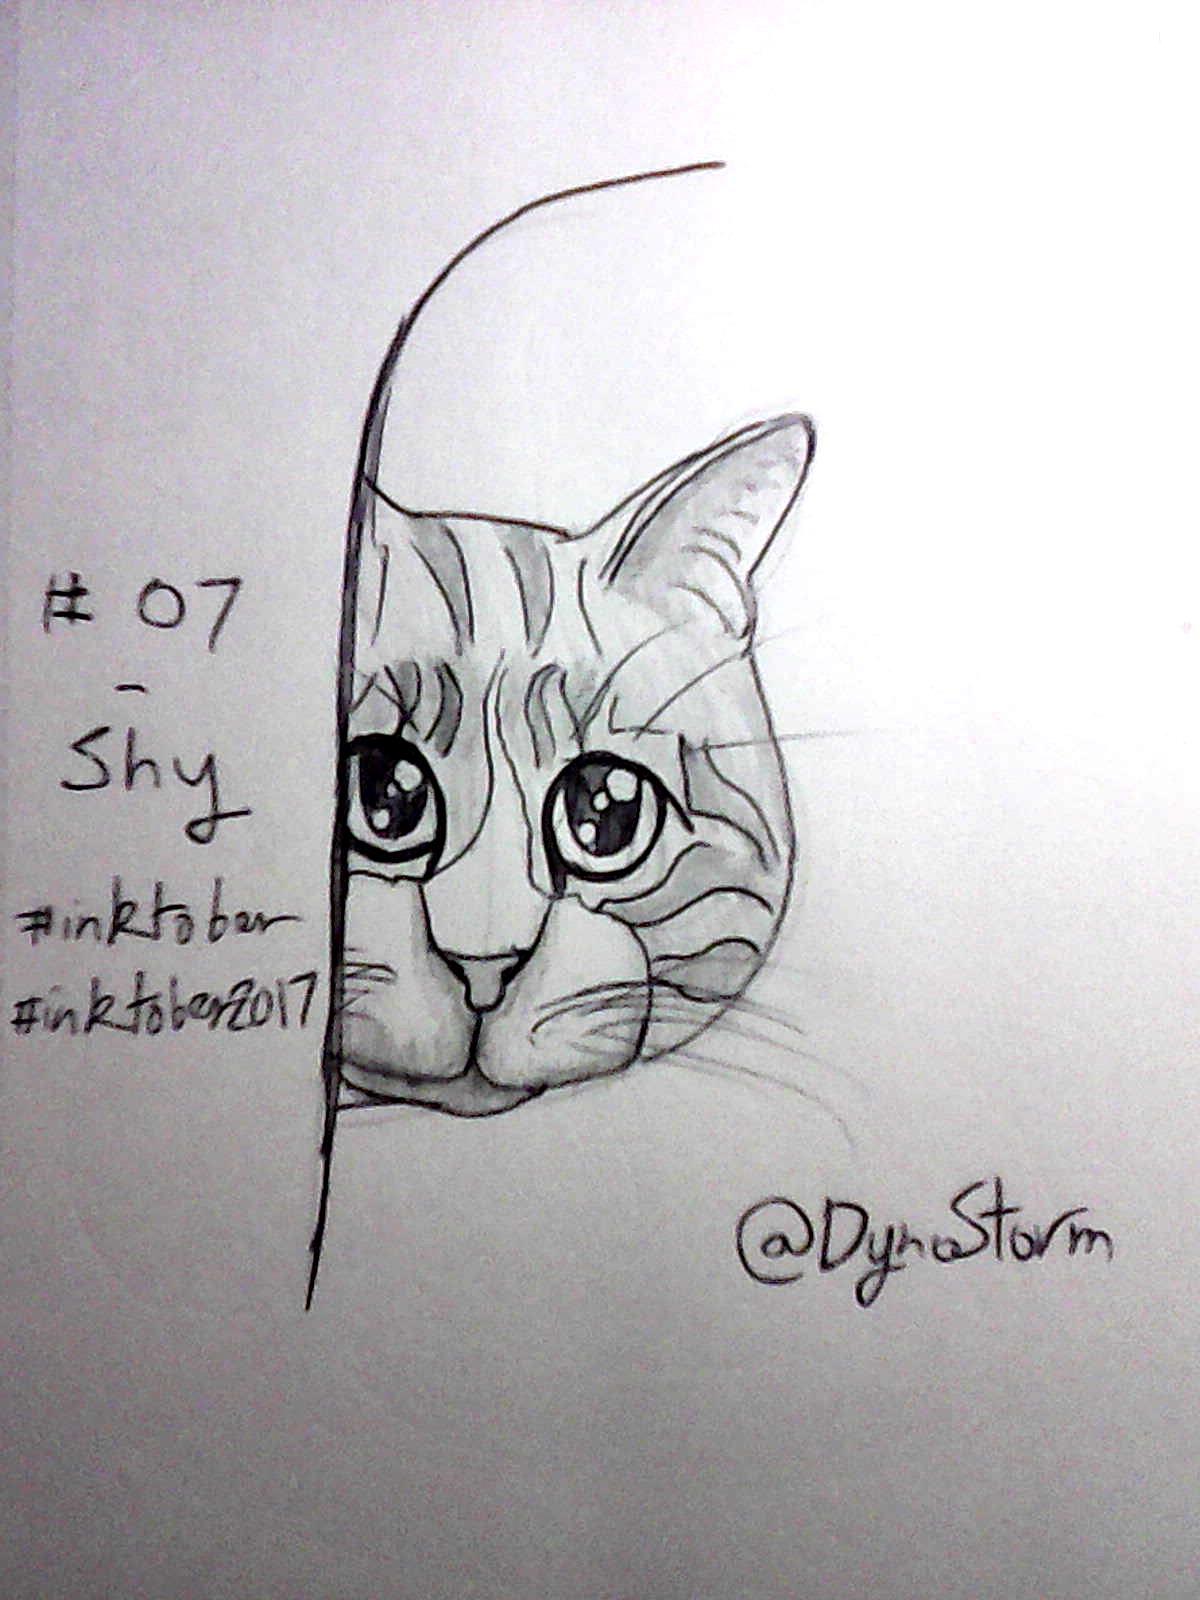 07 - Shy